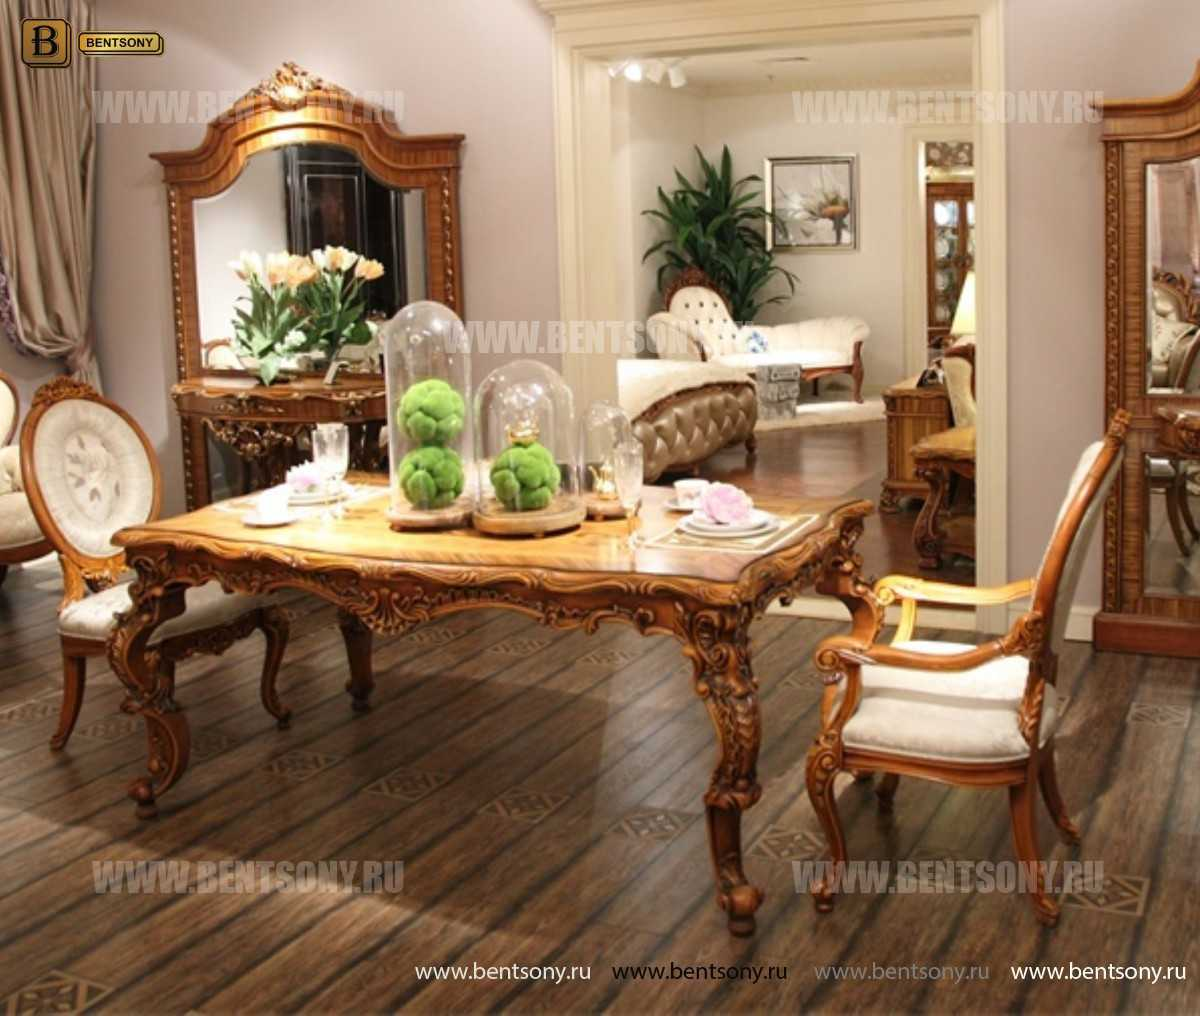 Стол обеденный Белмонт прямоугольный (массив дерева) изображение